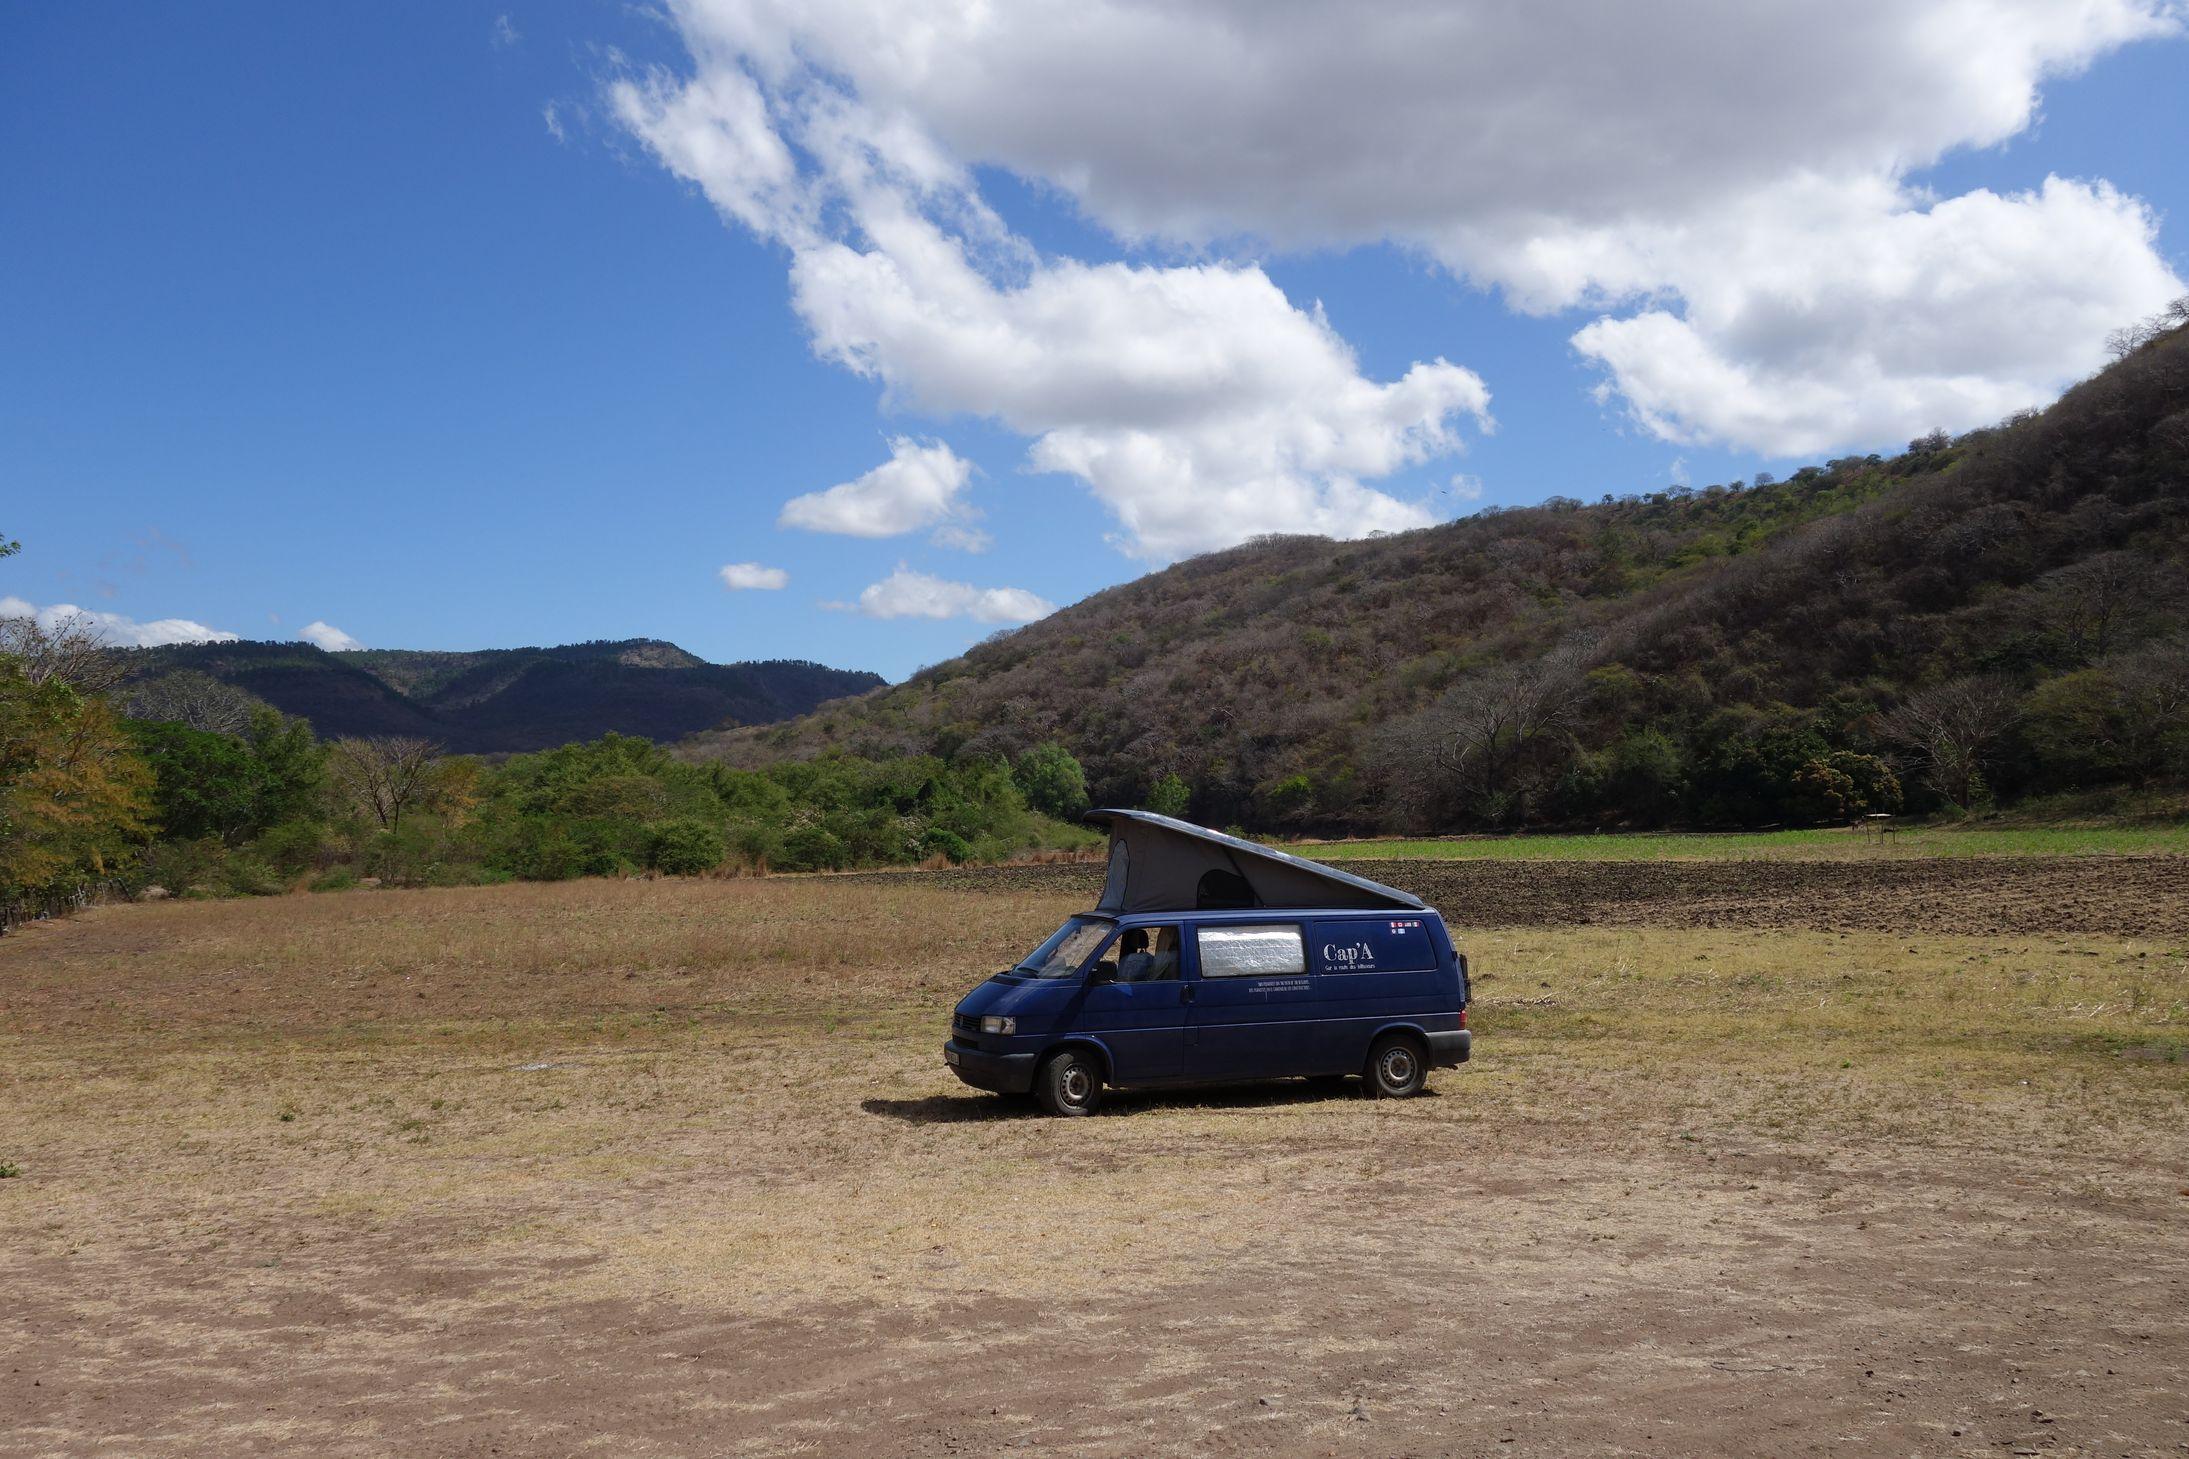 Nicaragua_Somoto Canyon